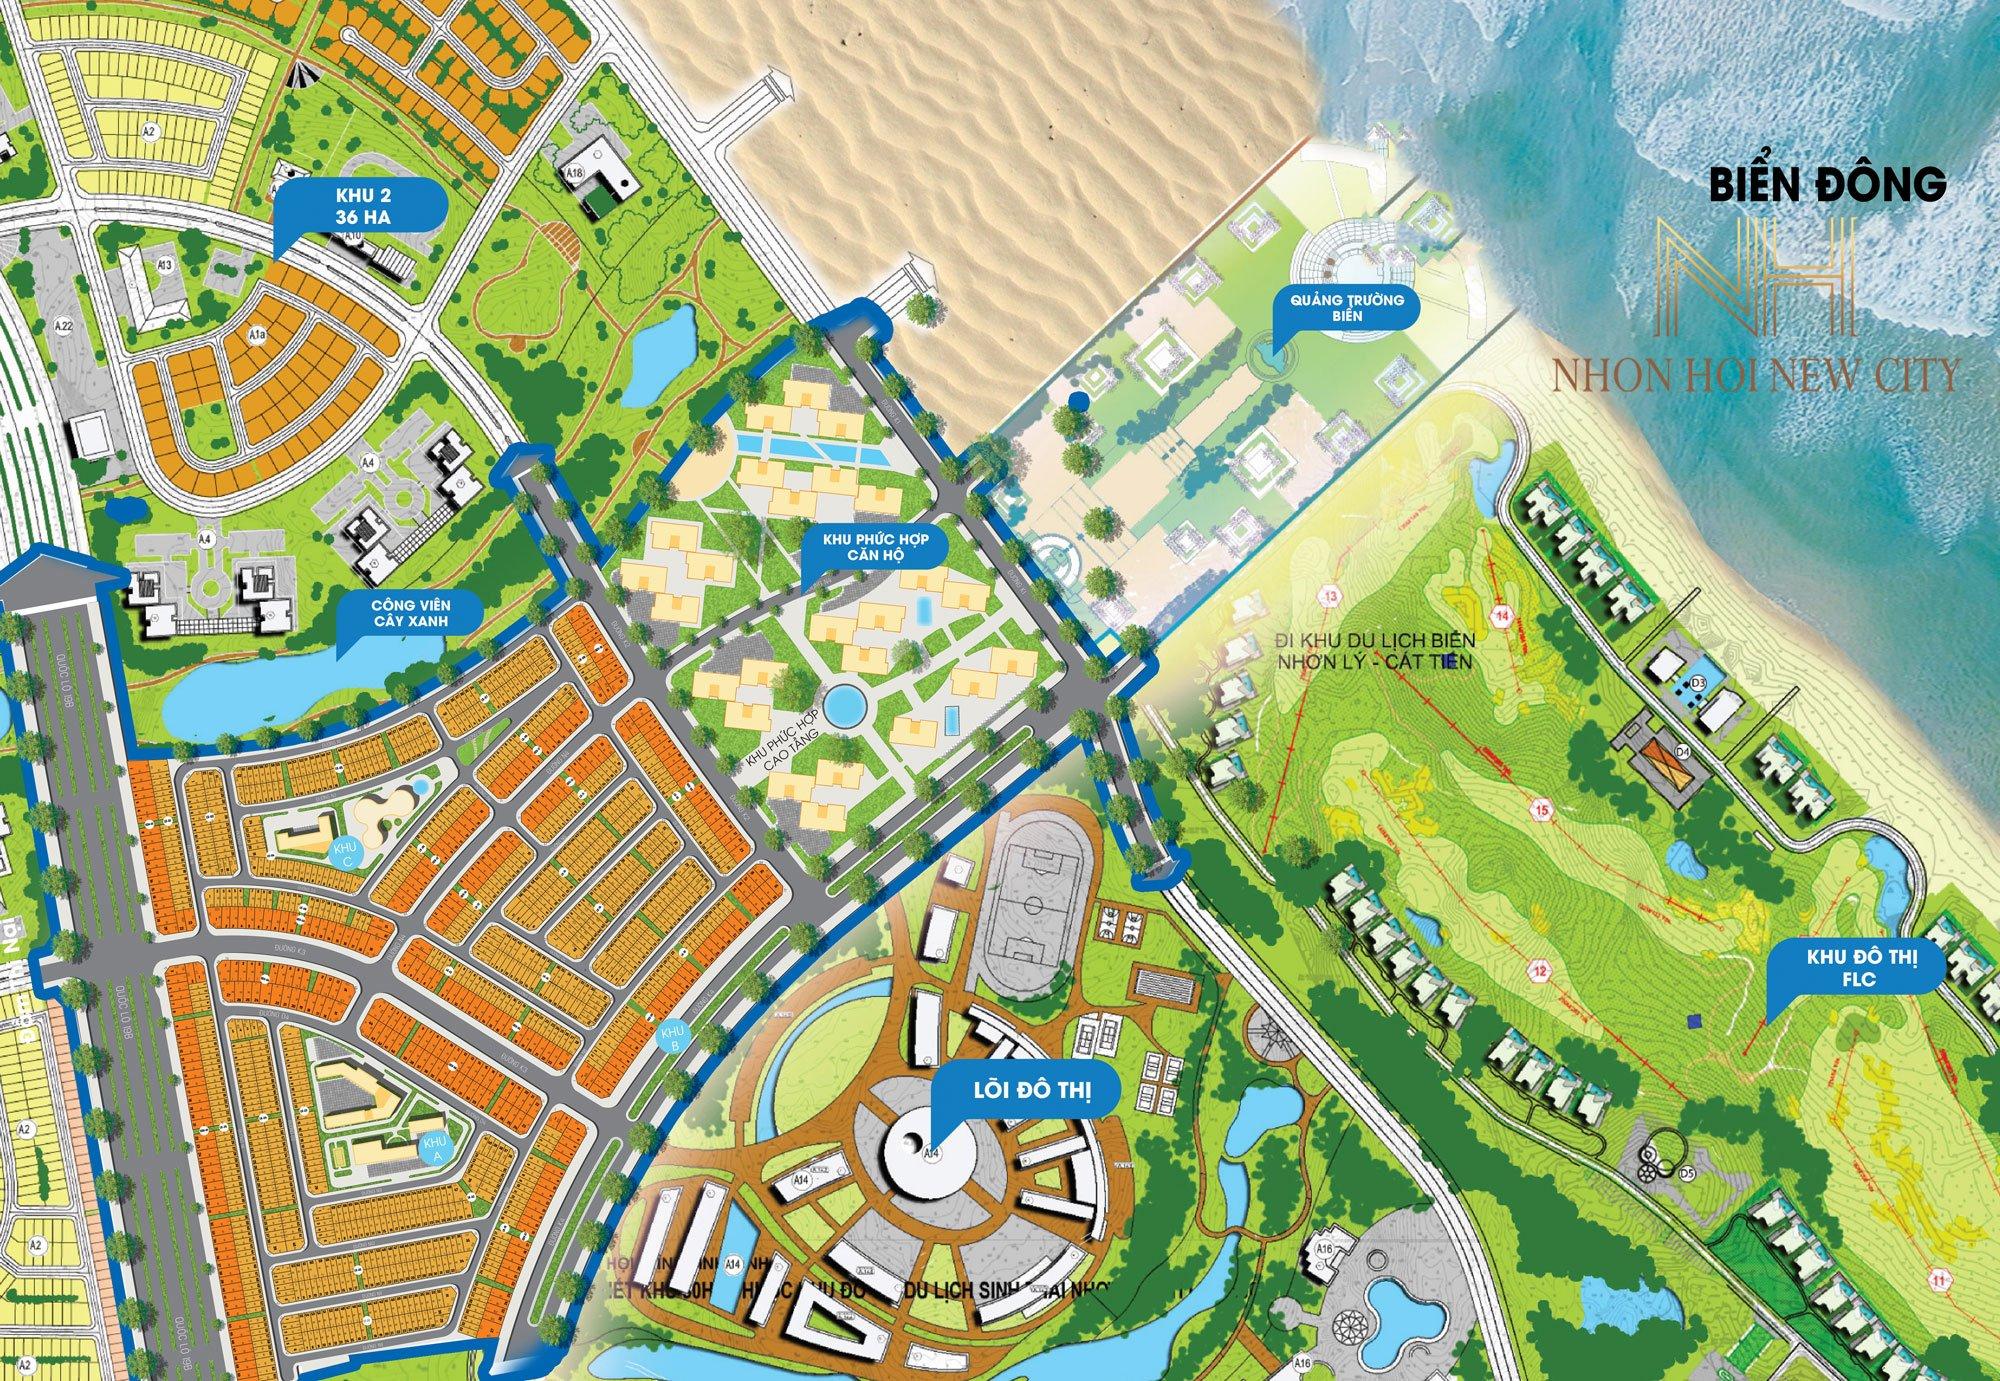 Mặt bằng phân lô Dự án Khu đô thị Nhơn Hội